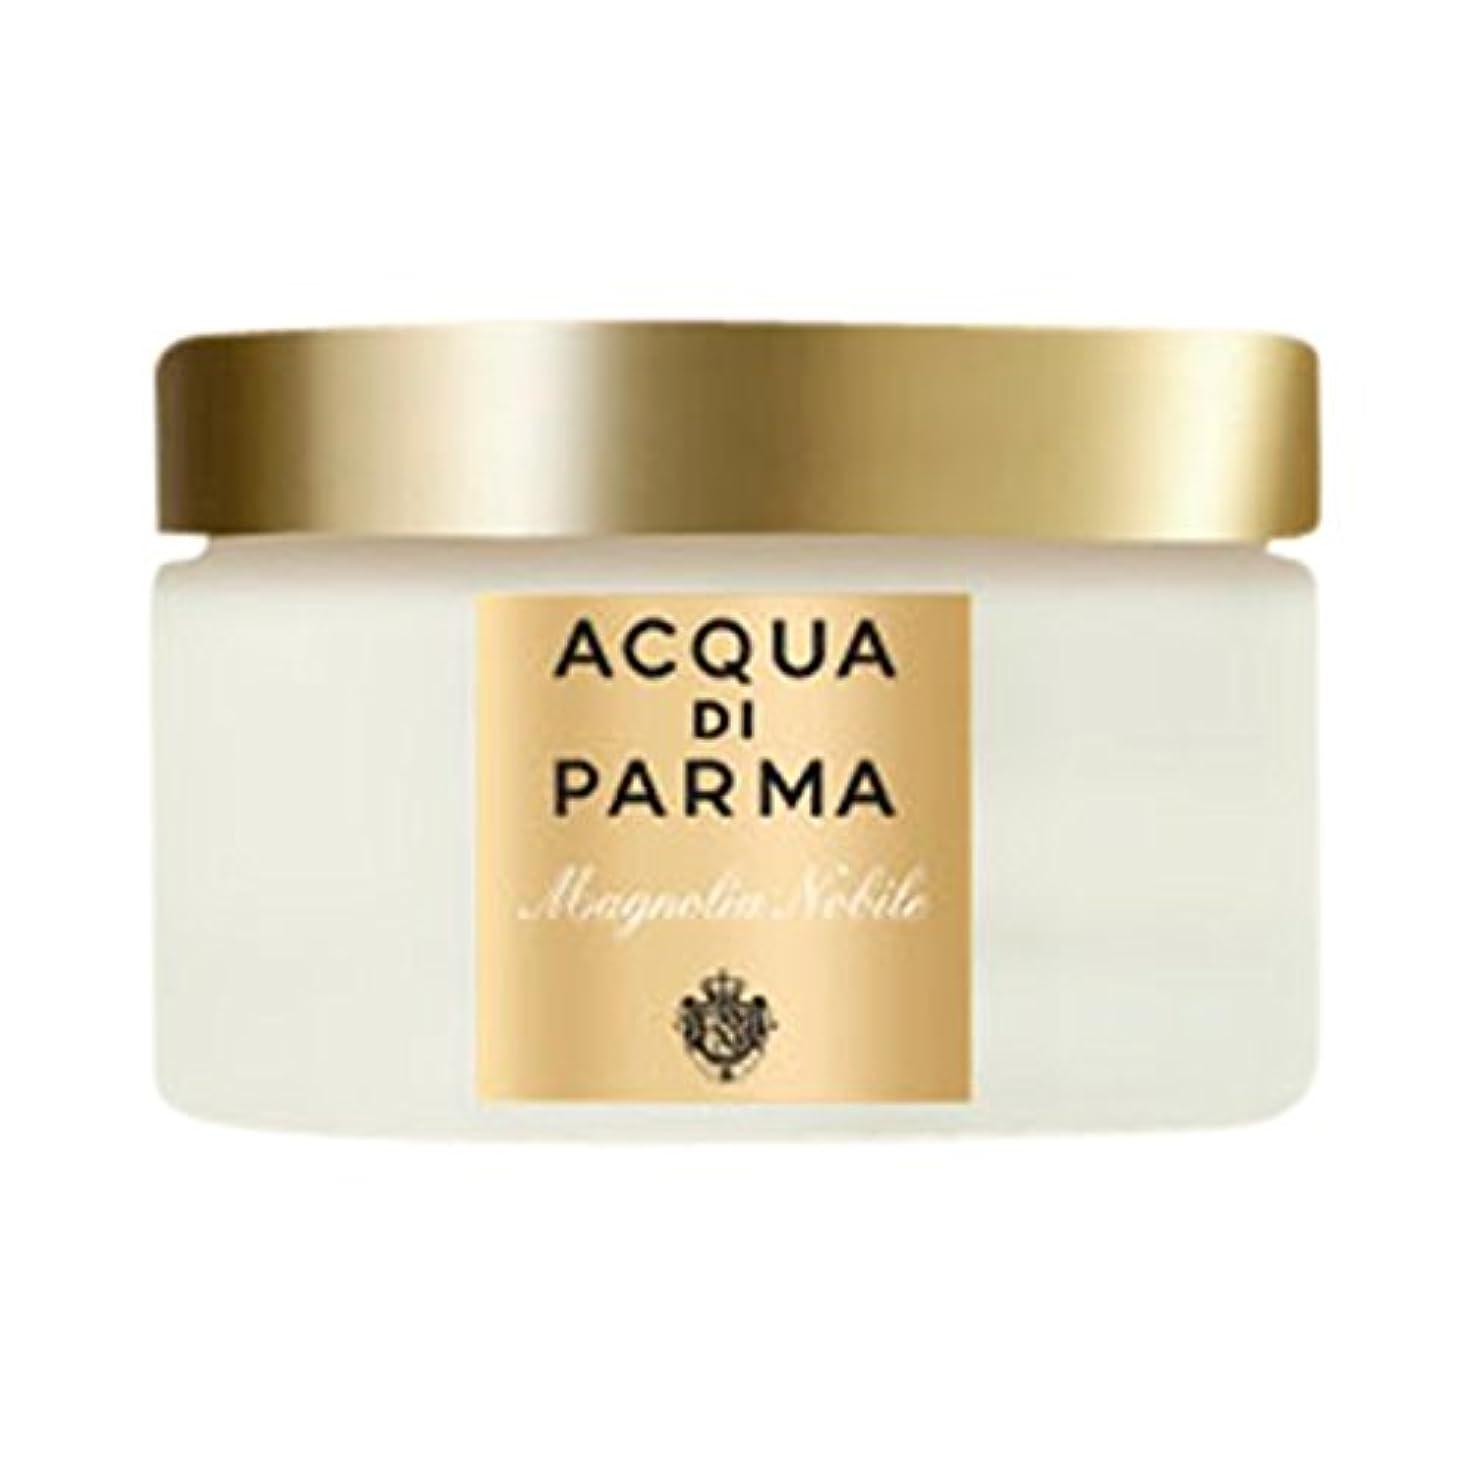 払い戻し紀元前乱れボディクリーム150ミリリットルノビルアクア?ディ?パルマモクレン (Acqua di Parma) - Acqua di Parma Magnolia Nobile Body Cream 150ml [並行輸入品]